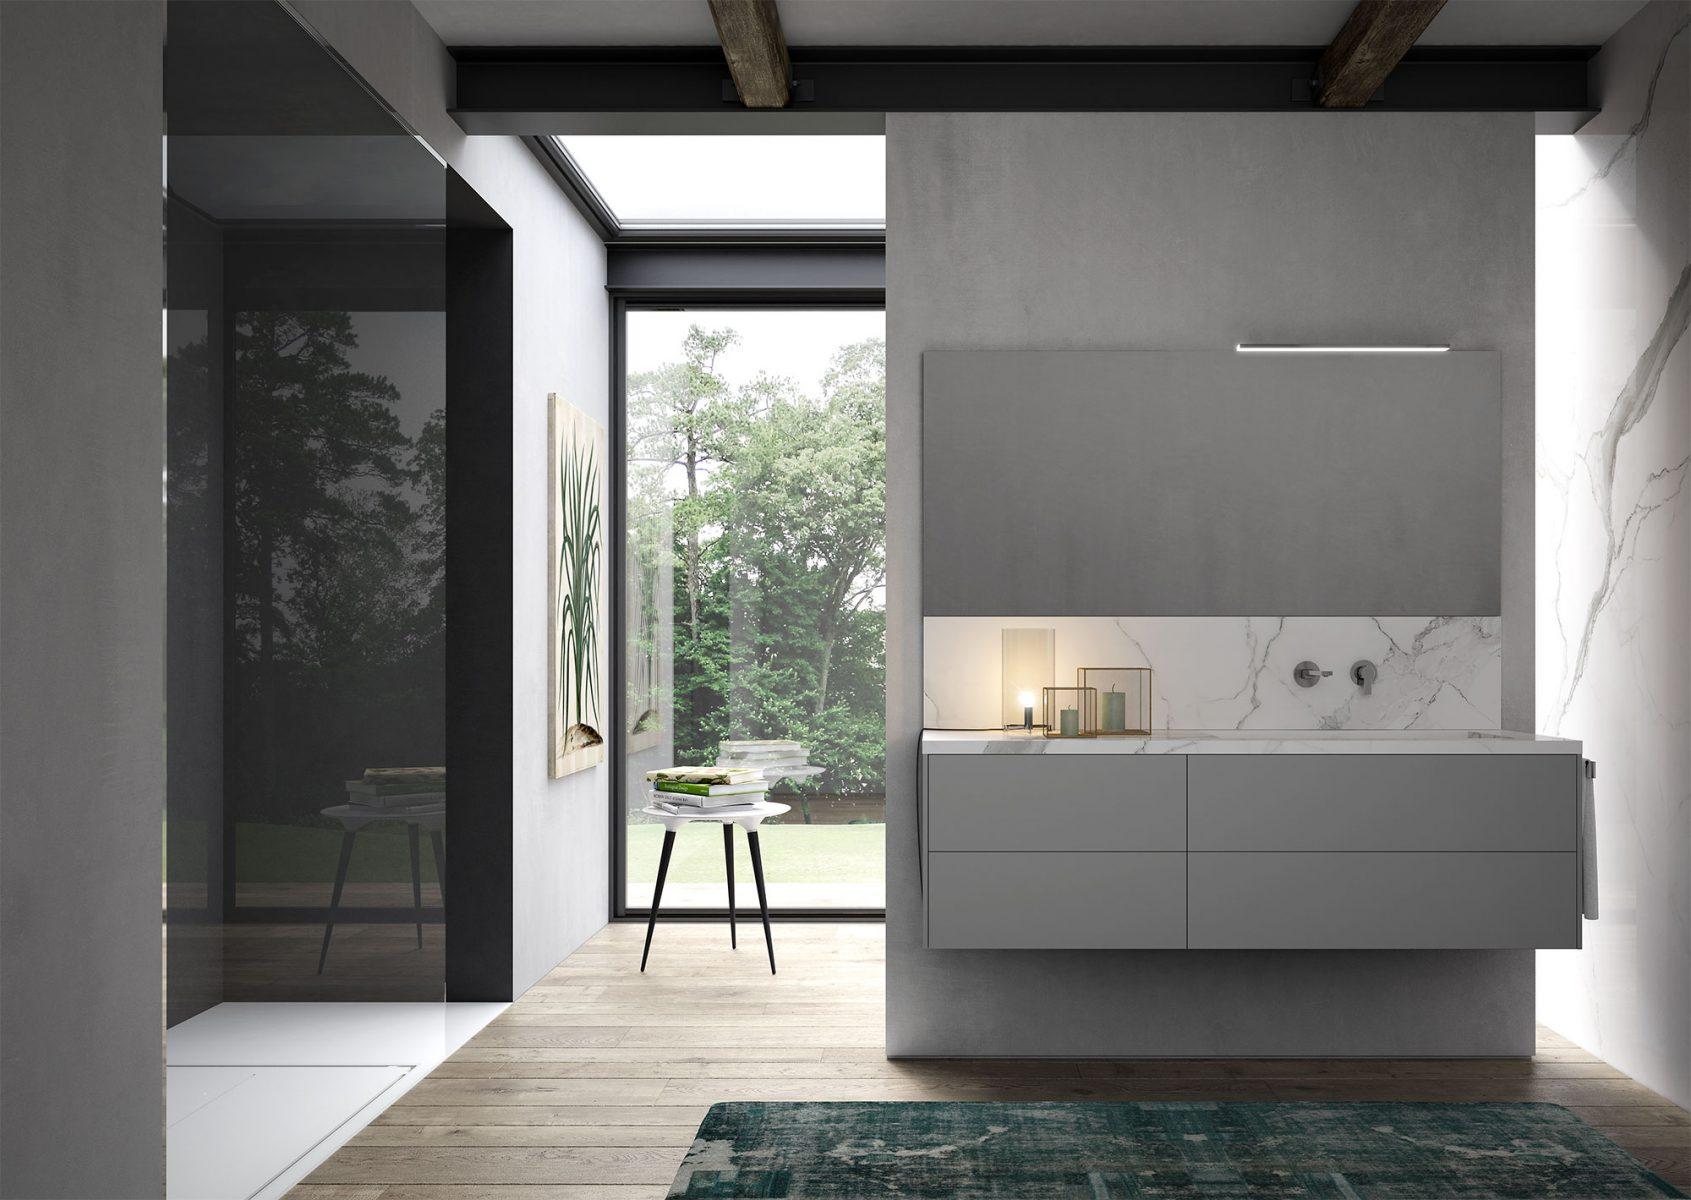 Sense arredo bagno moderno mobili bagno design ideagroup - Arredi bagno moderni ...